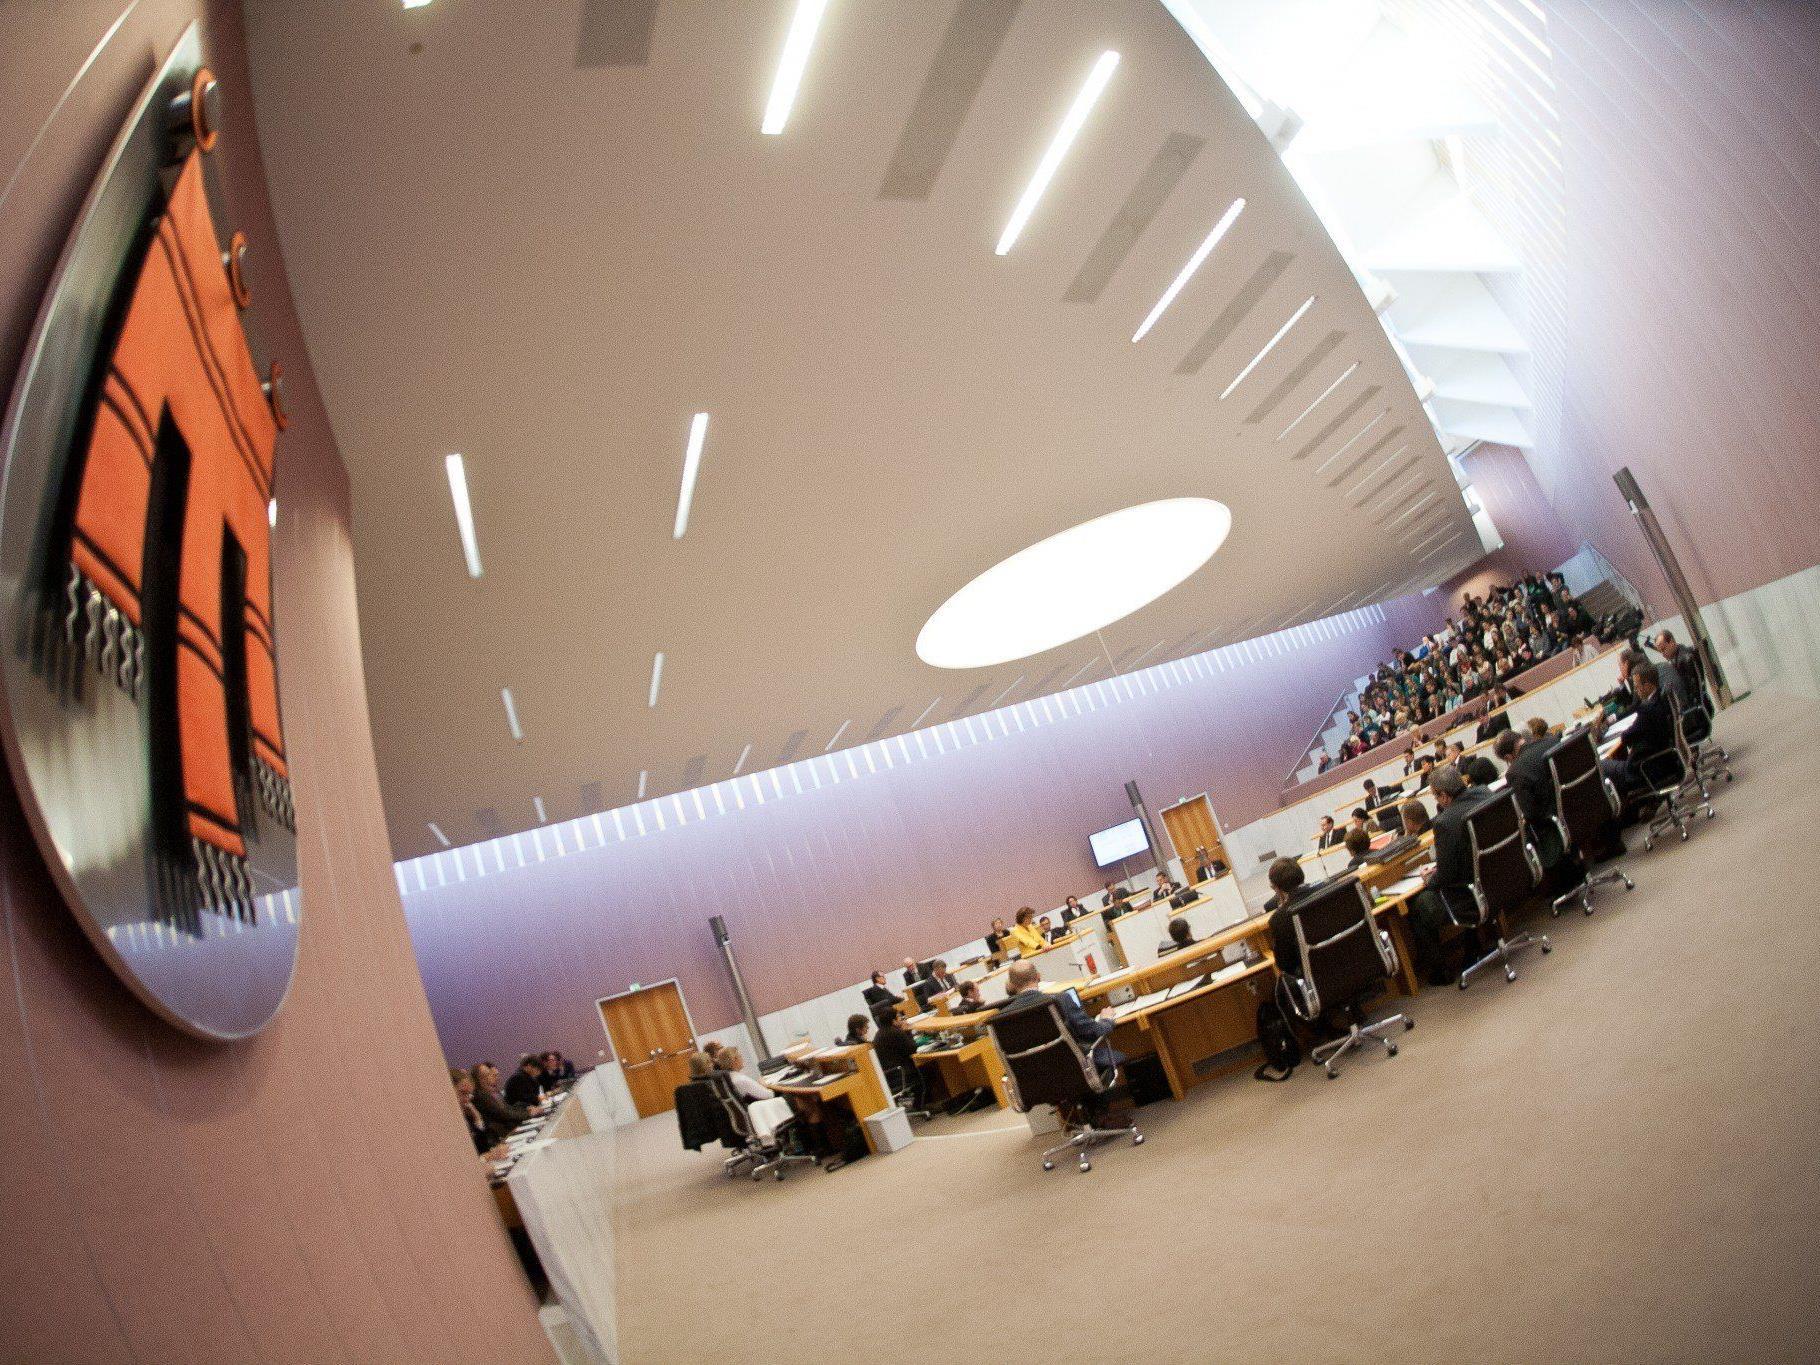 Vorarlberger Landtag: Laut Allparteienantrag sollen Mittel stattdessen in erneuerbare Energien investiert werden.